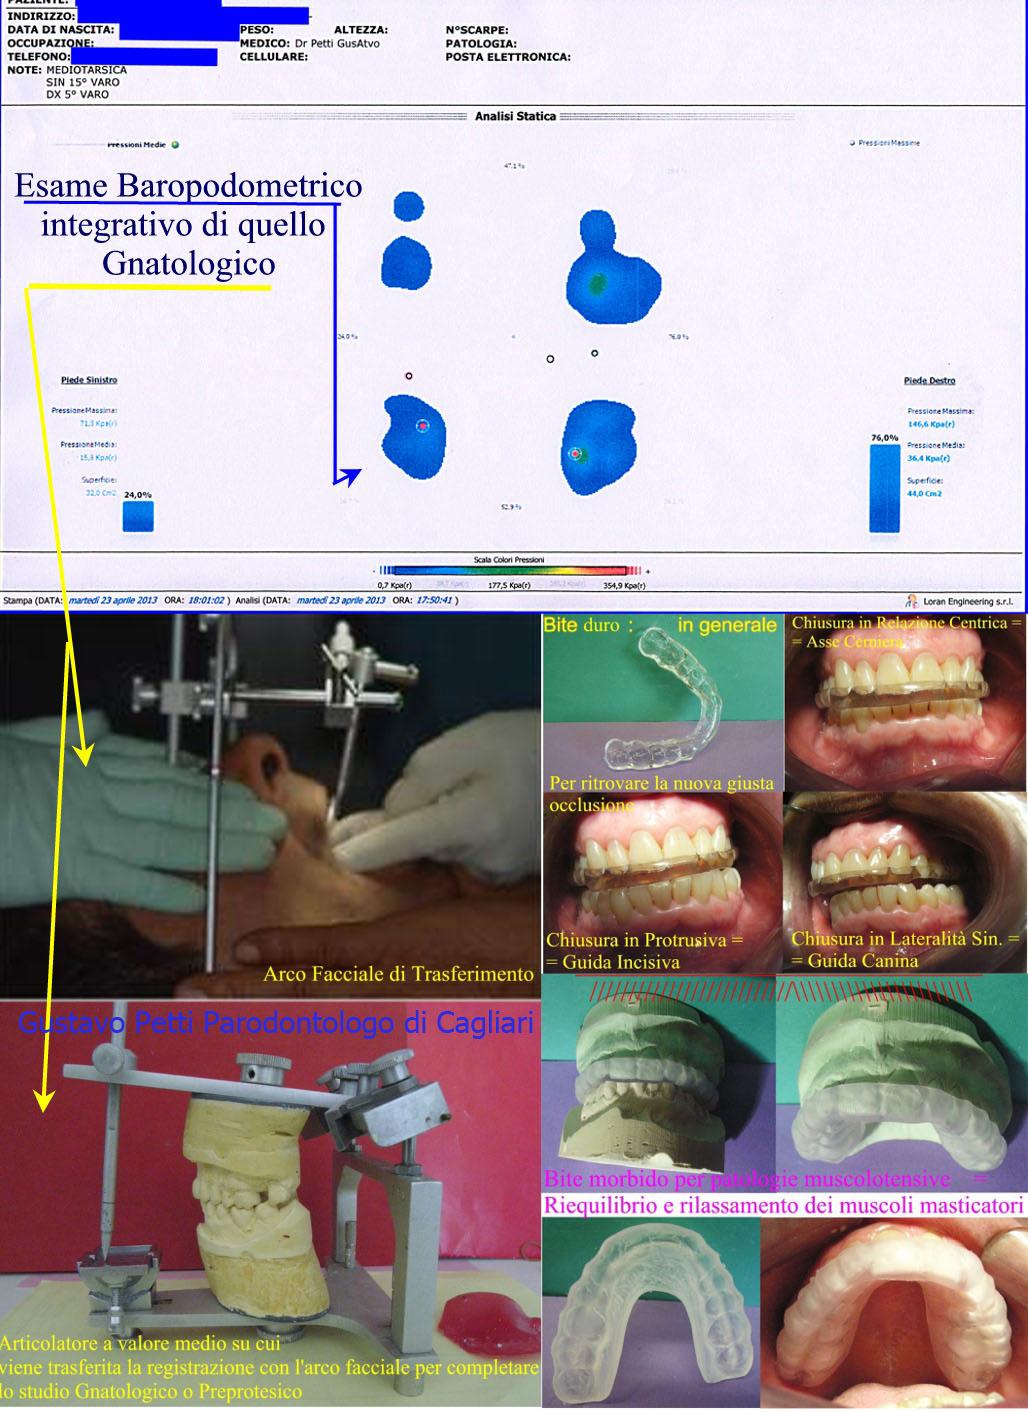 Dr. Gustavo Petti Parodontologo Gnatologo di Cagliari. Arco Facciale di Trasferimento E Stabilometria Computerizzata come parte di Valutazione Gnatologica Preprotesica.